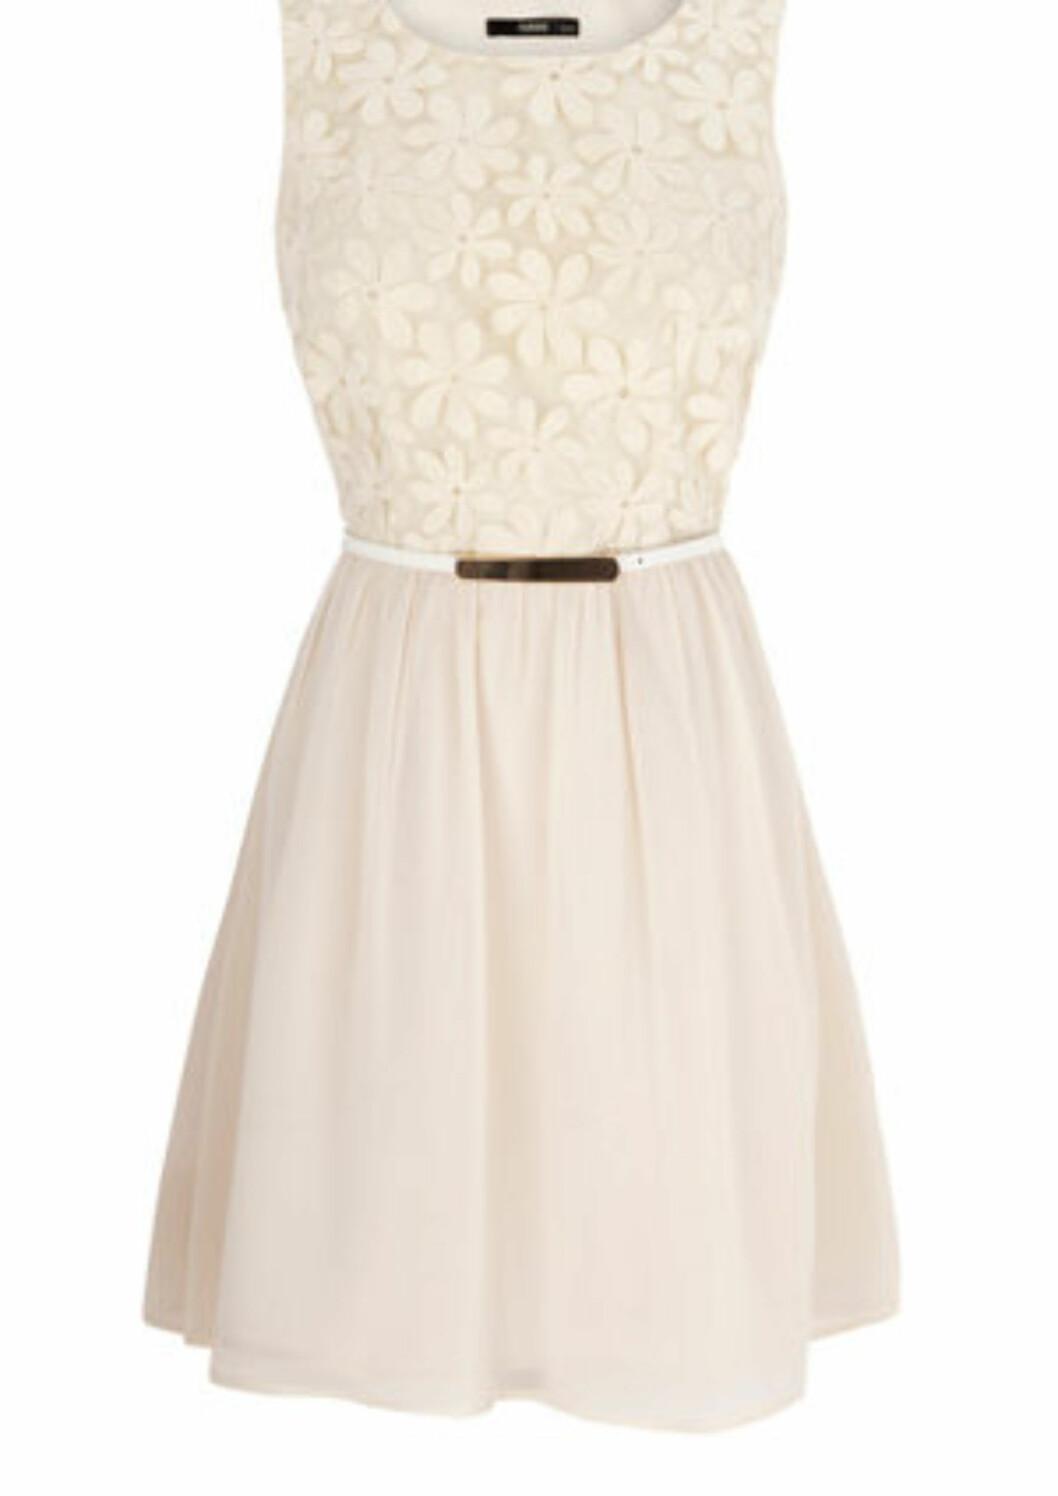 Romantisk kjole med blomsterdekorasjoner (ca kr 590/Oasis). Foto: Produsent